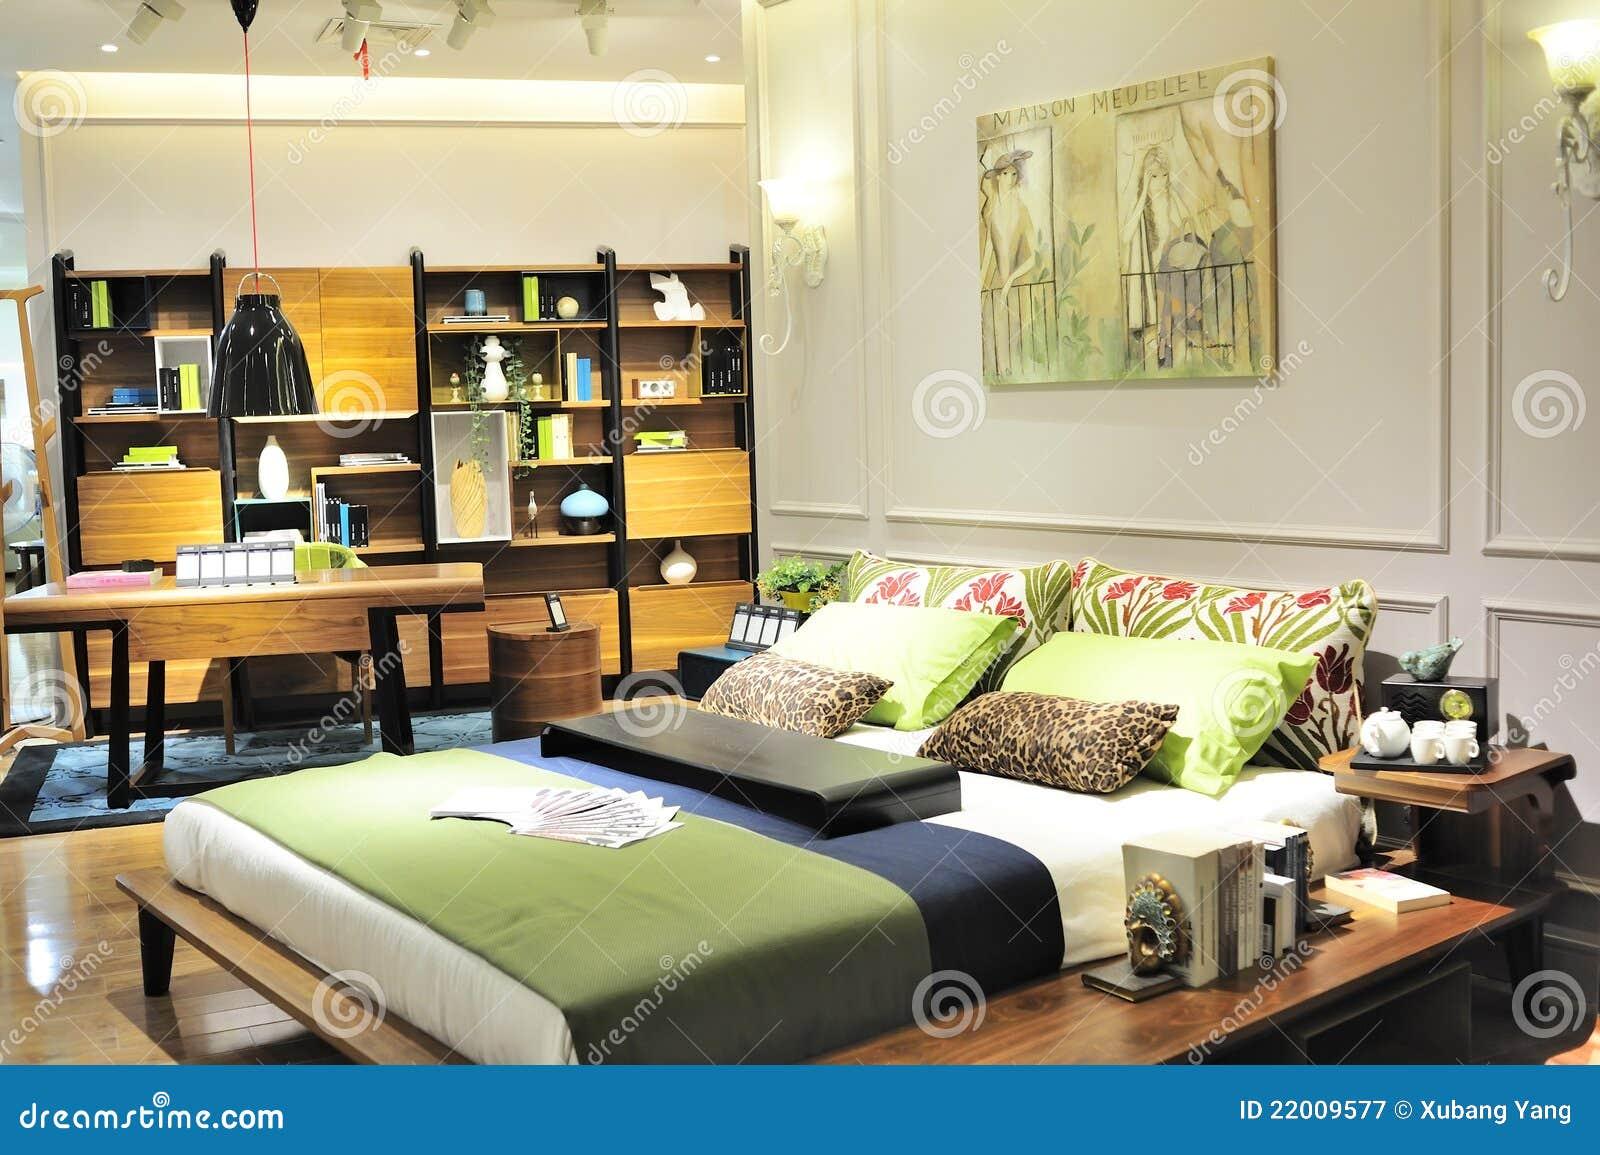 Rc Furniture Interior Design Stock Dealer ~ Elegant bedroom interior design with floral pattern